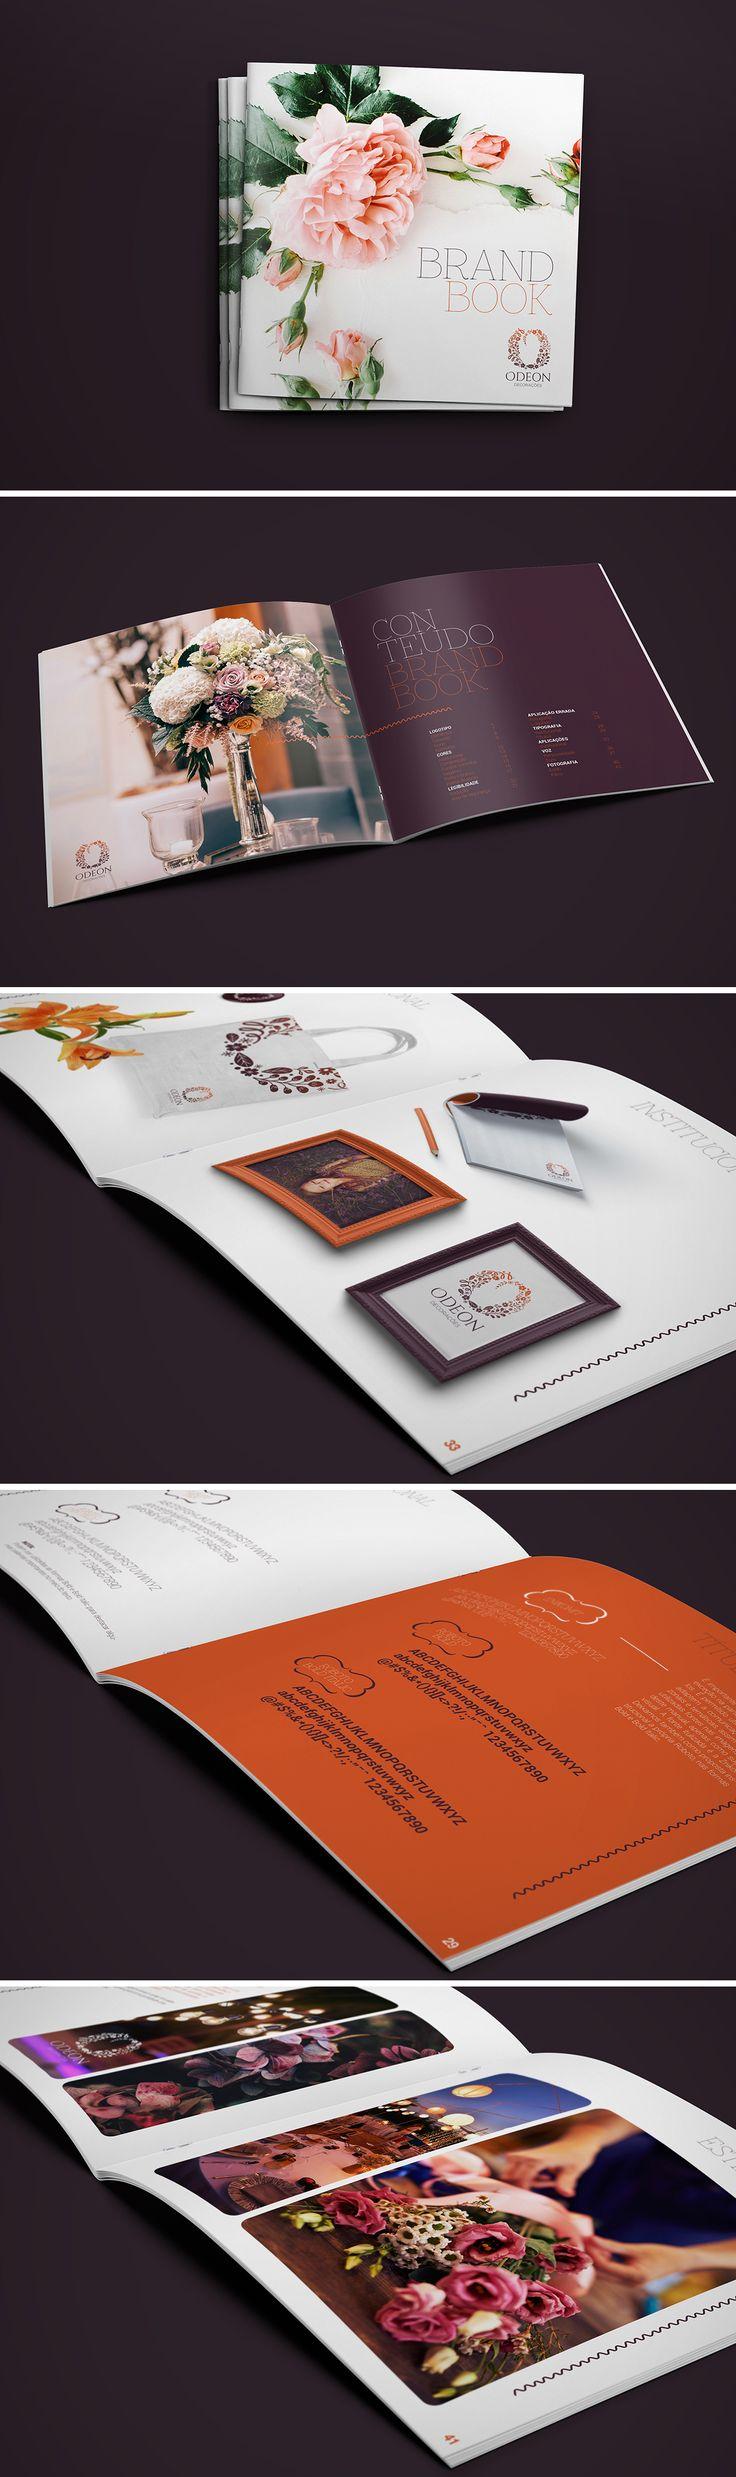 Brandbook Odeon Decorações Criação do brandbook da empresa de decorações Odeon.